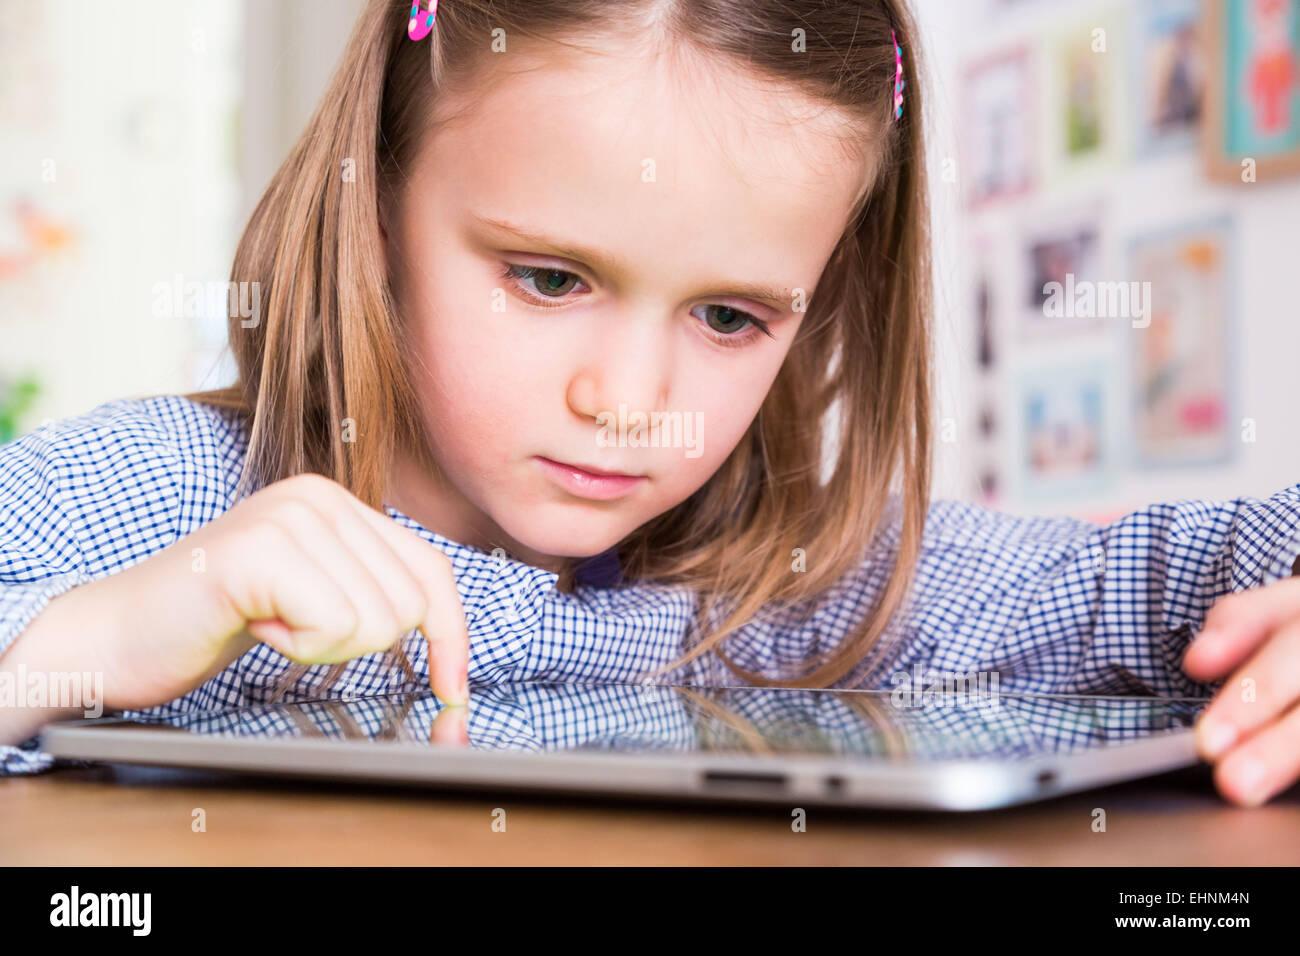 5 anno-vecchia ragazza utilizzando computer tablet. Immagini Stock